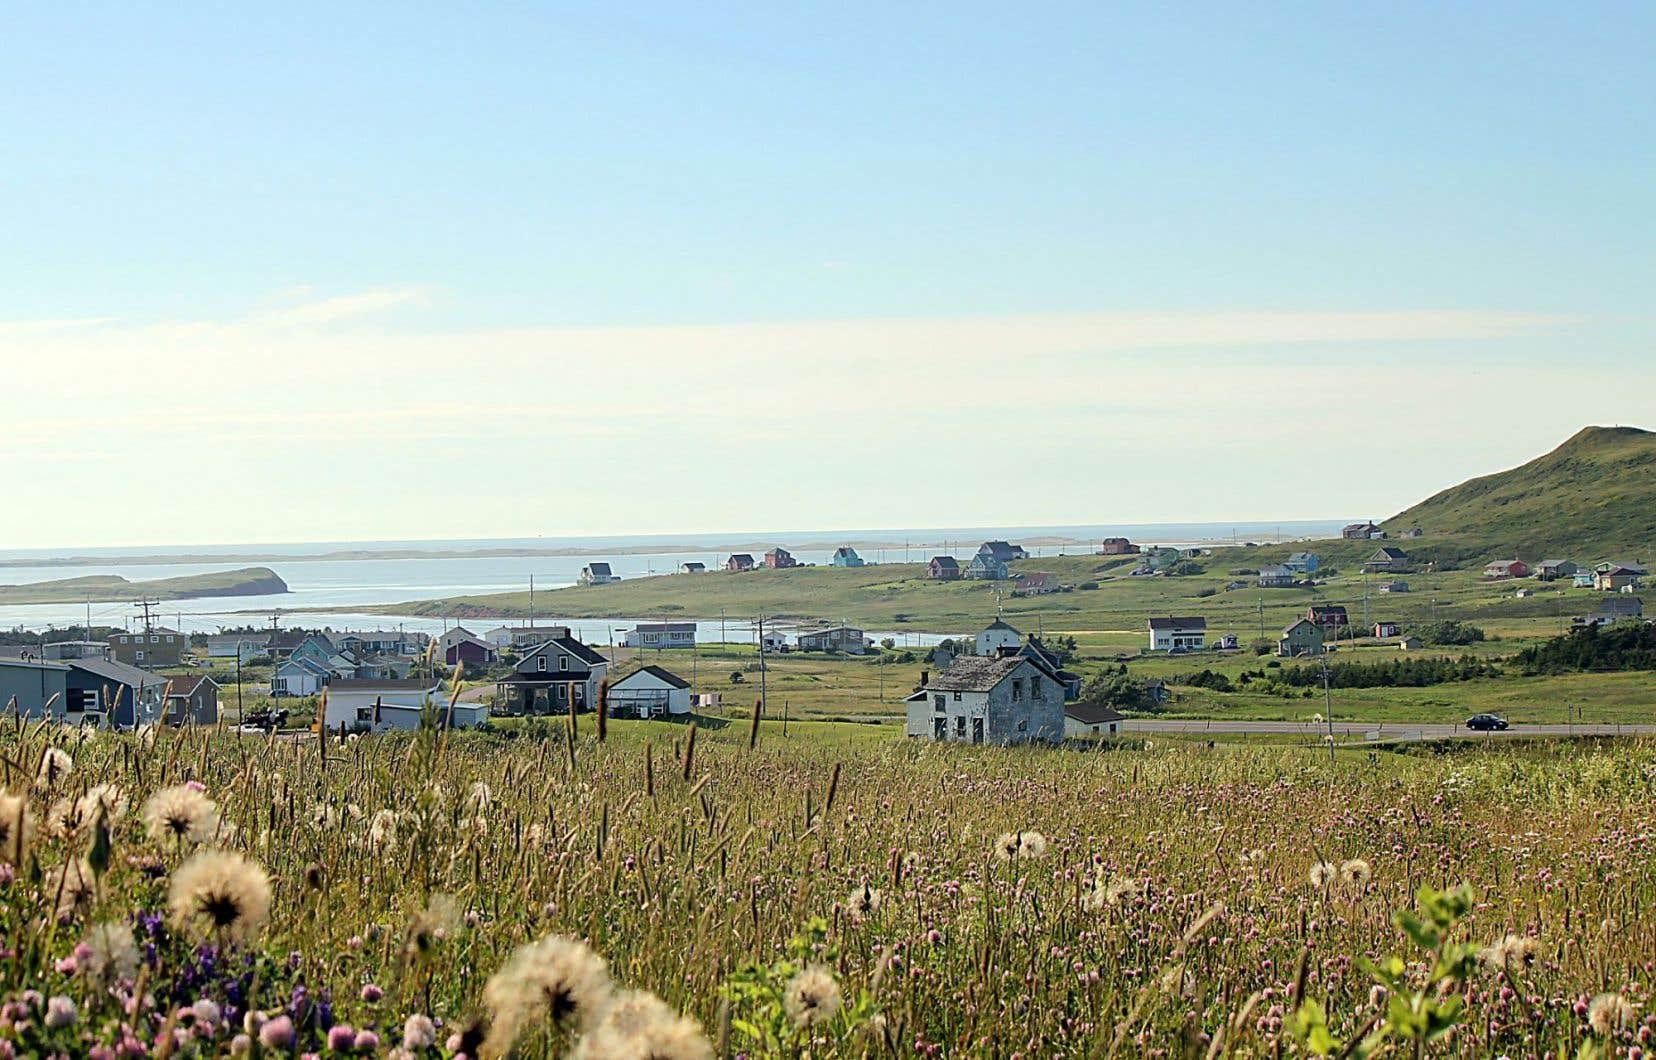 Les visiteurs chercheront en vain un panneau indicateur du Buttereau-du-Nègre, puisque le nom n'apparaît que sur une carte de L'Amirauté des années 1920... Ci-dessus, un paysage des Îles.